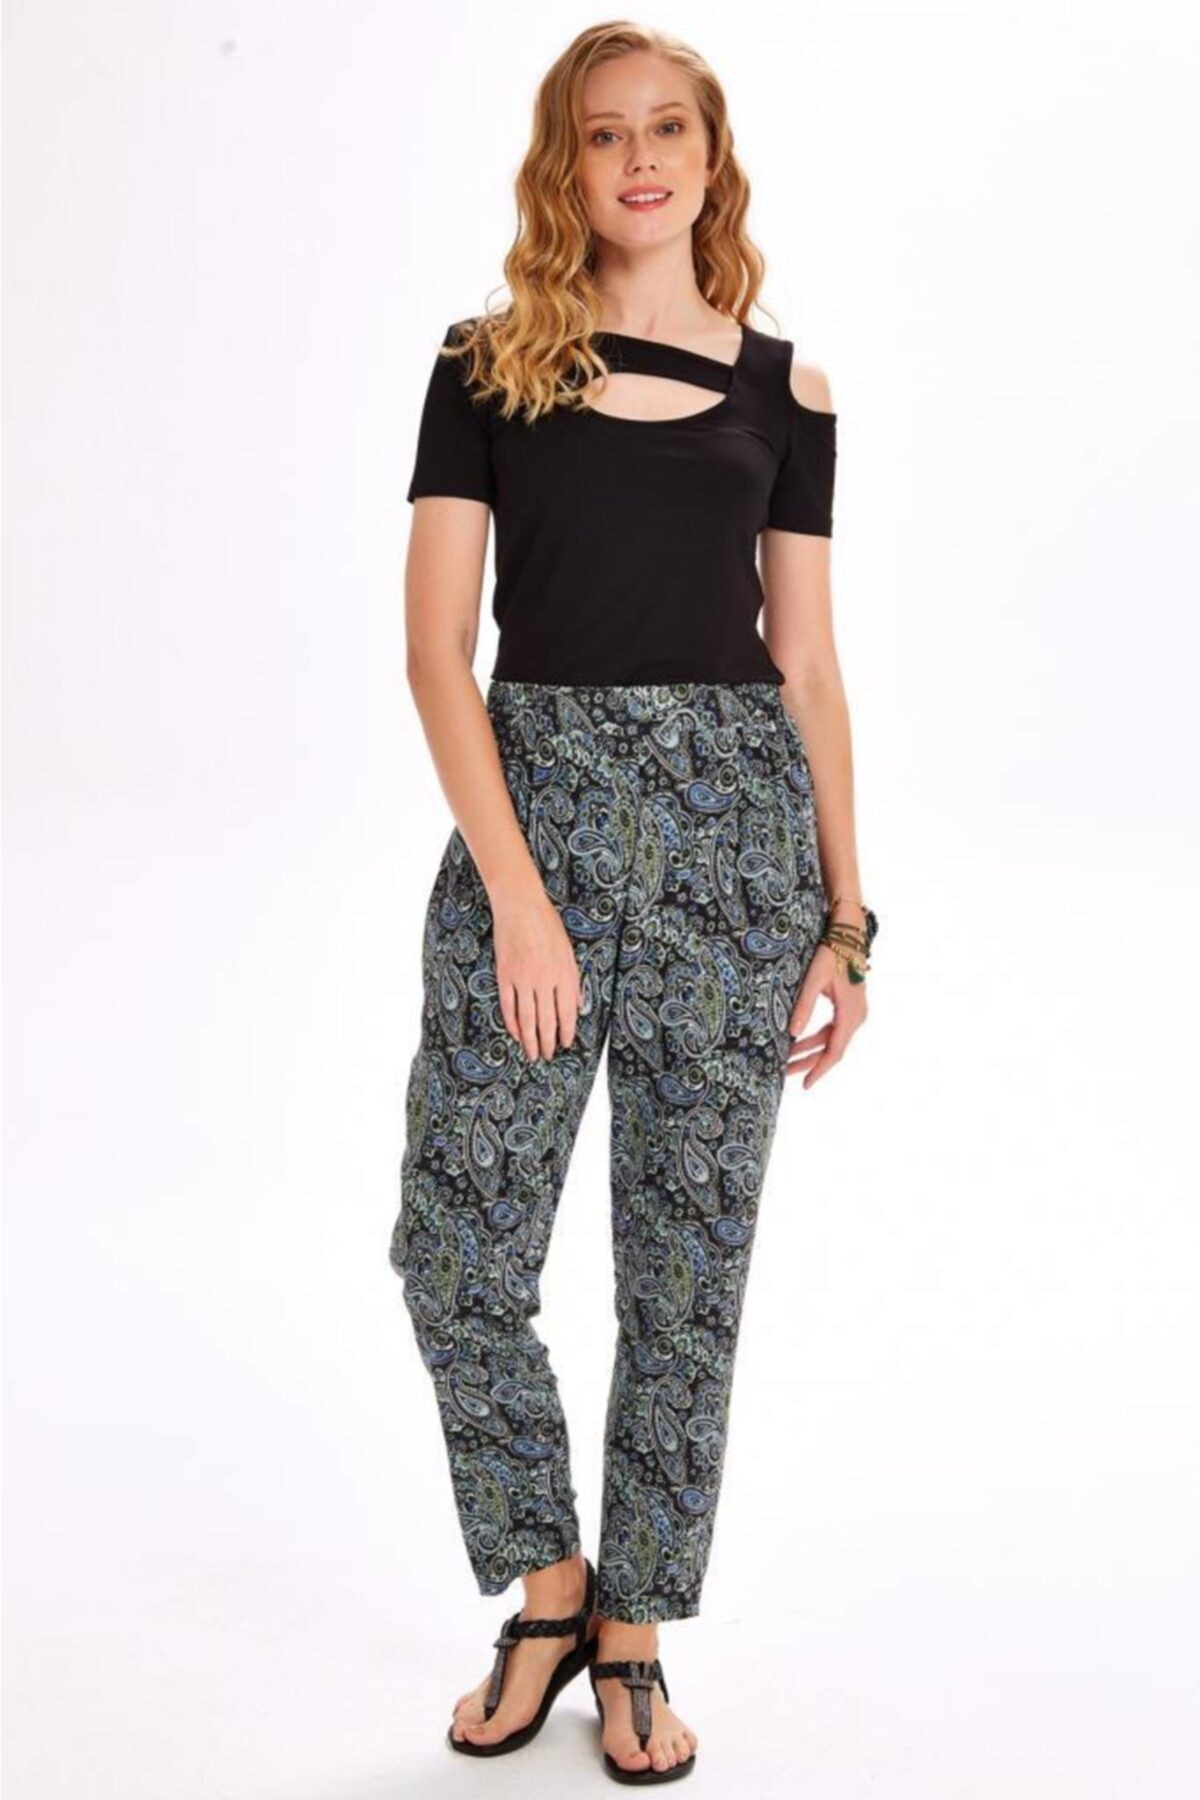 İKİLER Kadın Lacivert Beli Lastikli Şal Desen Pantolon 020-3519 2